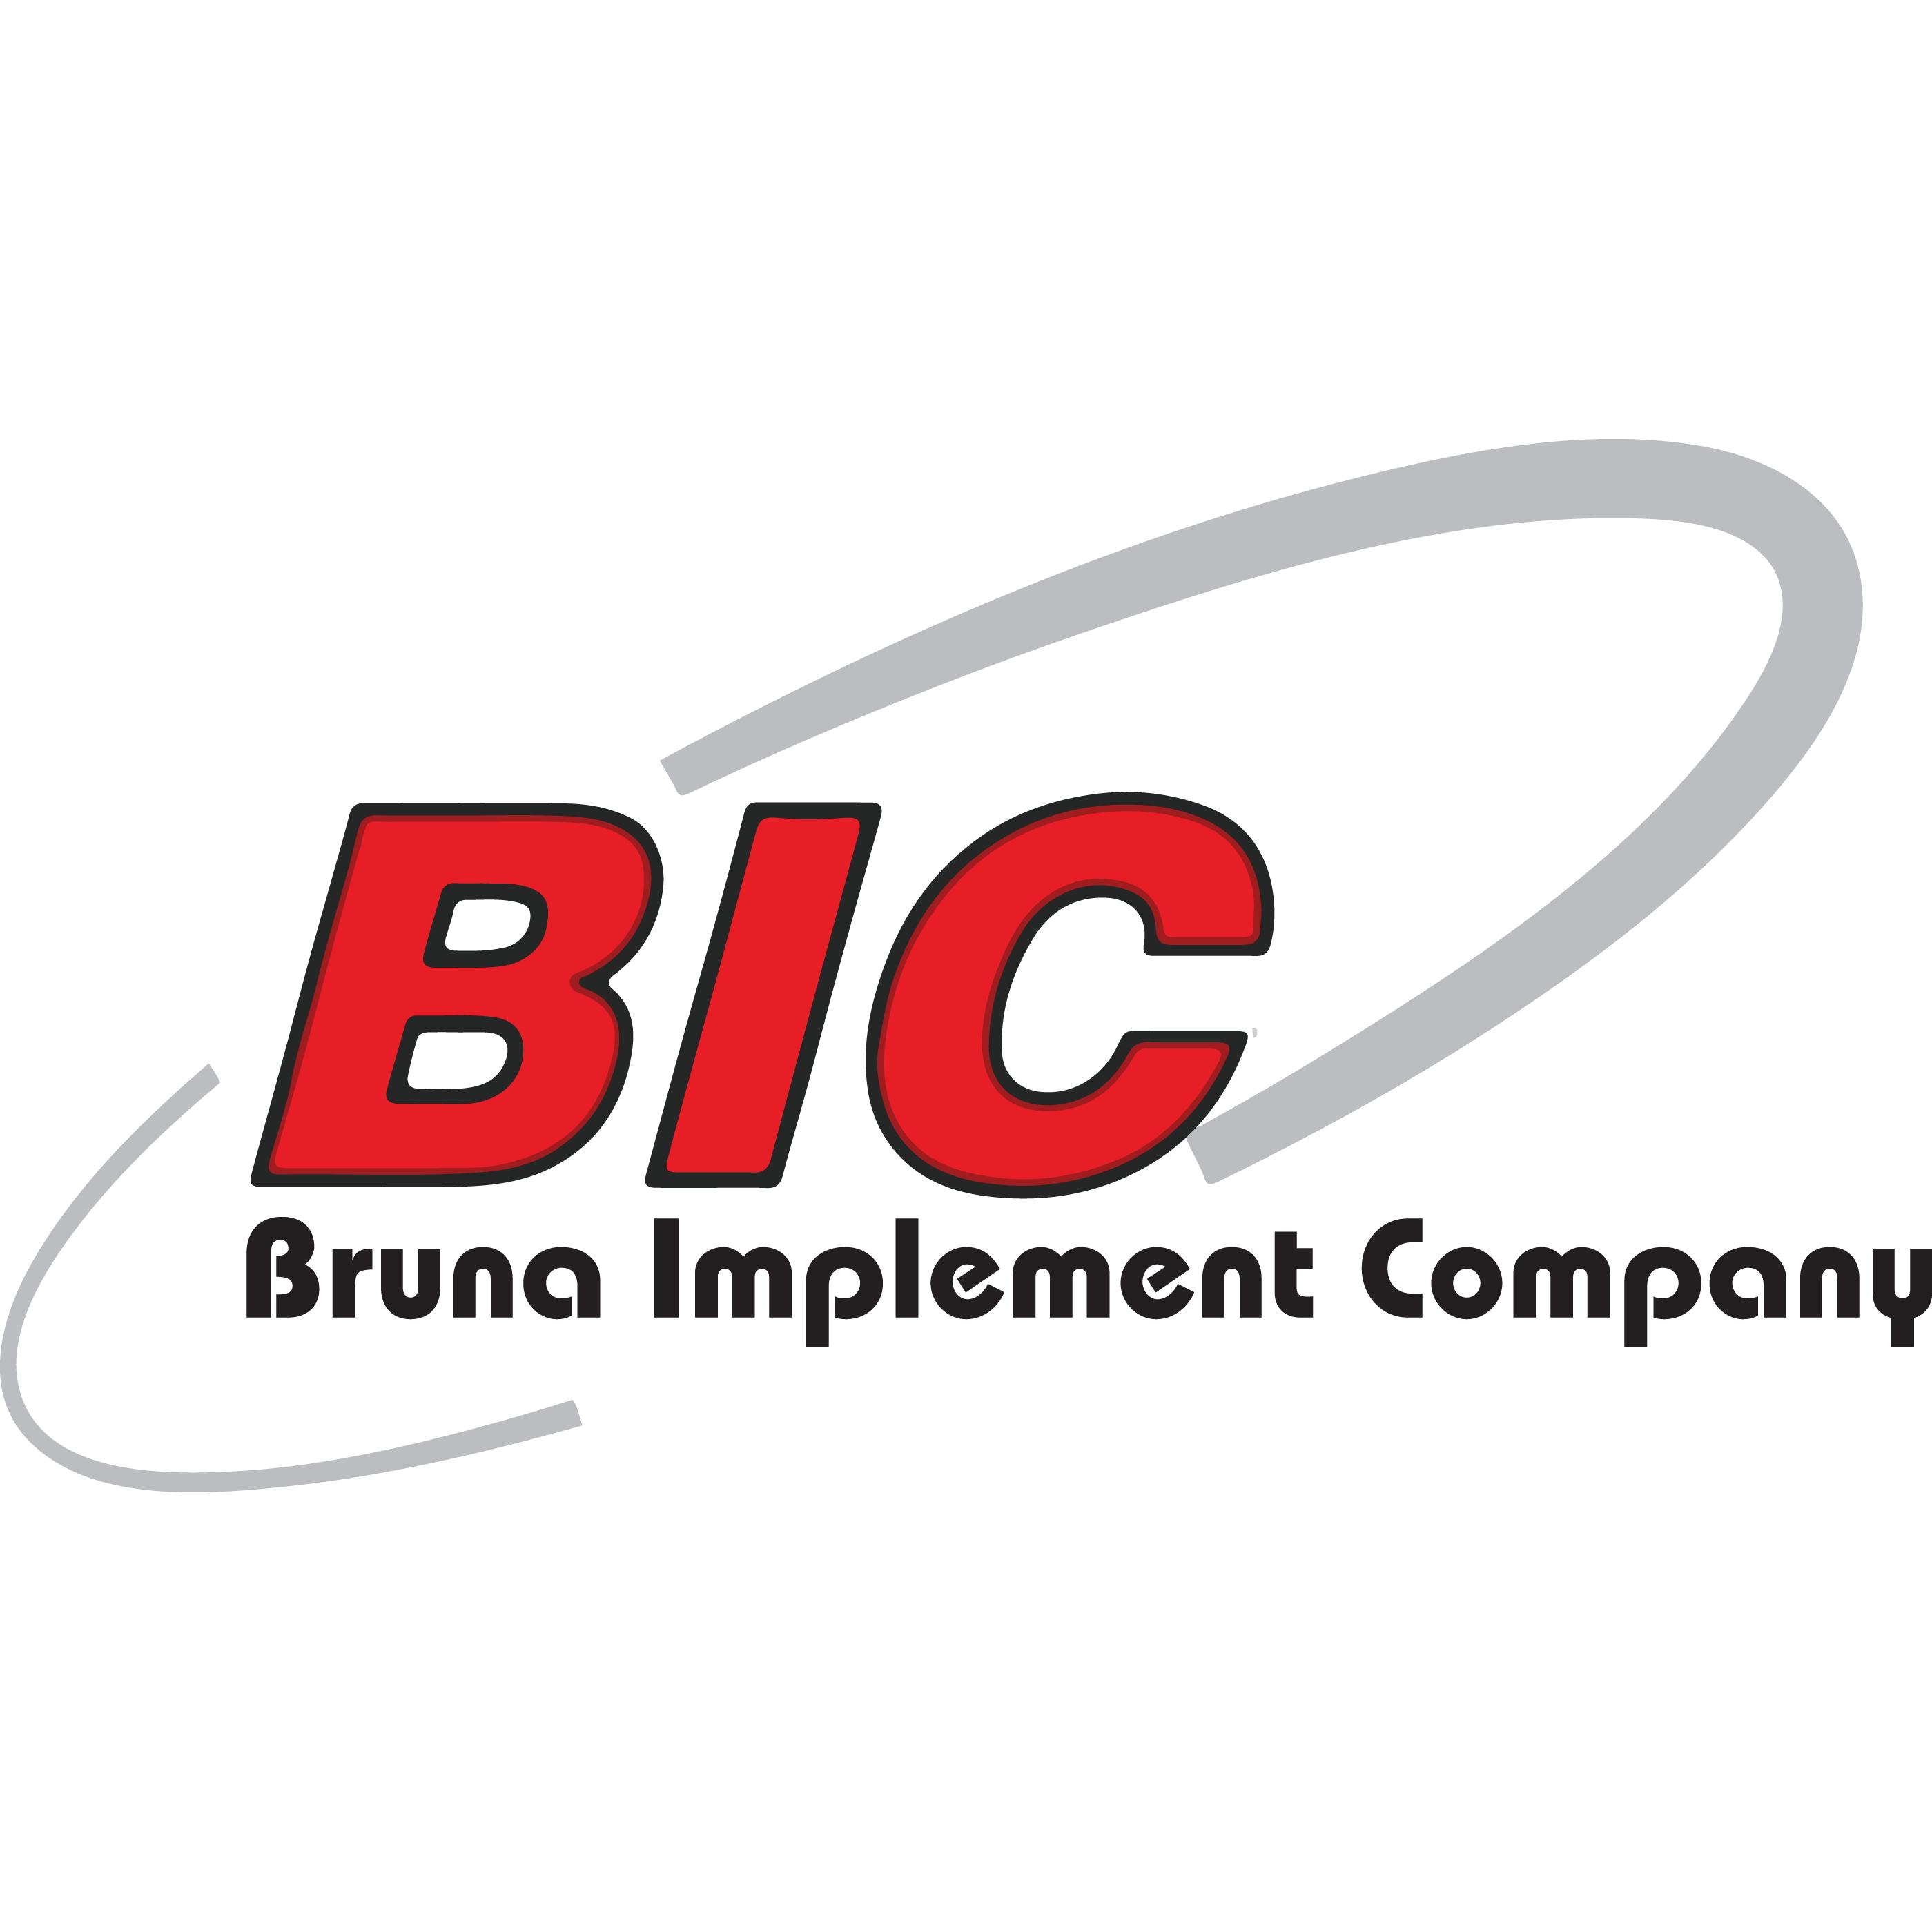 Bruna Implement Company, Seneca